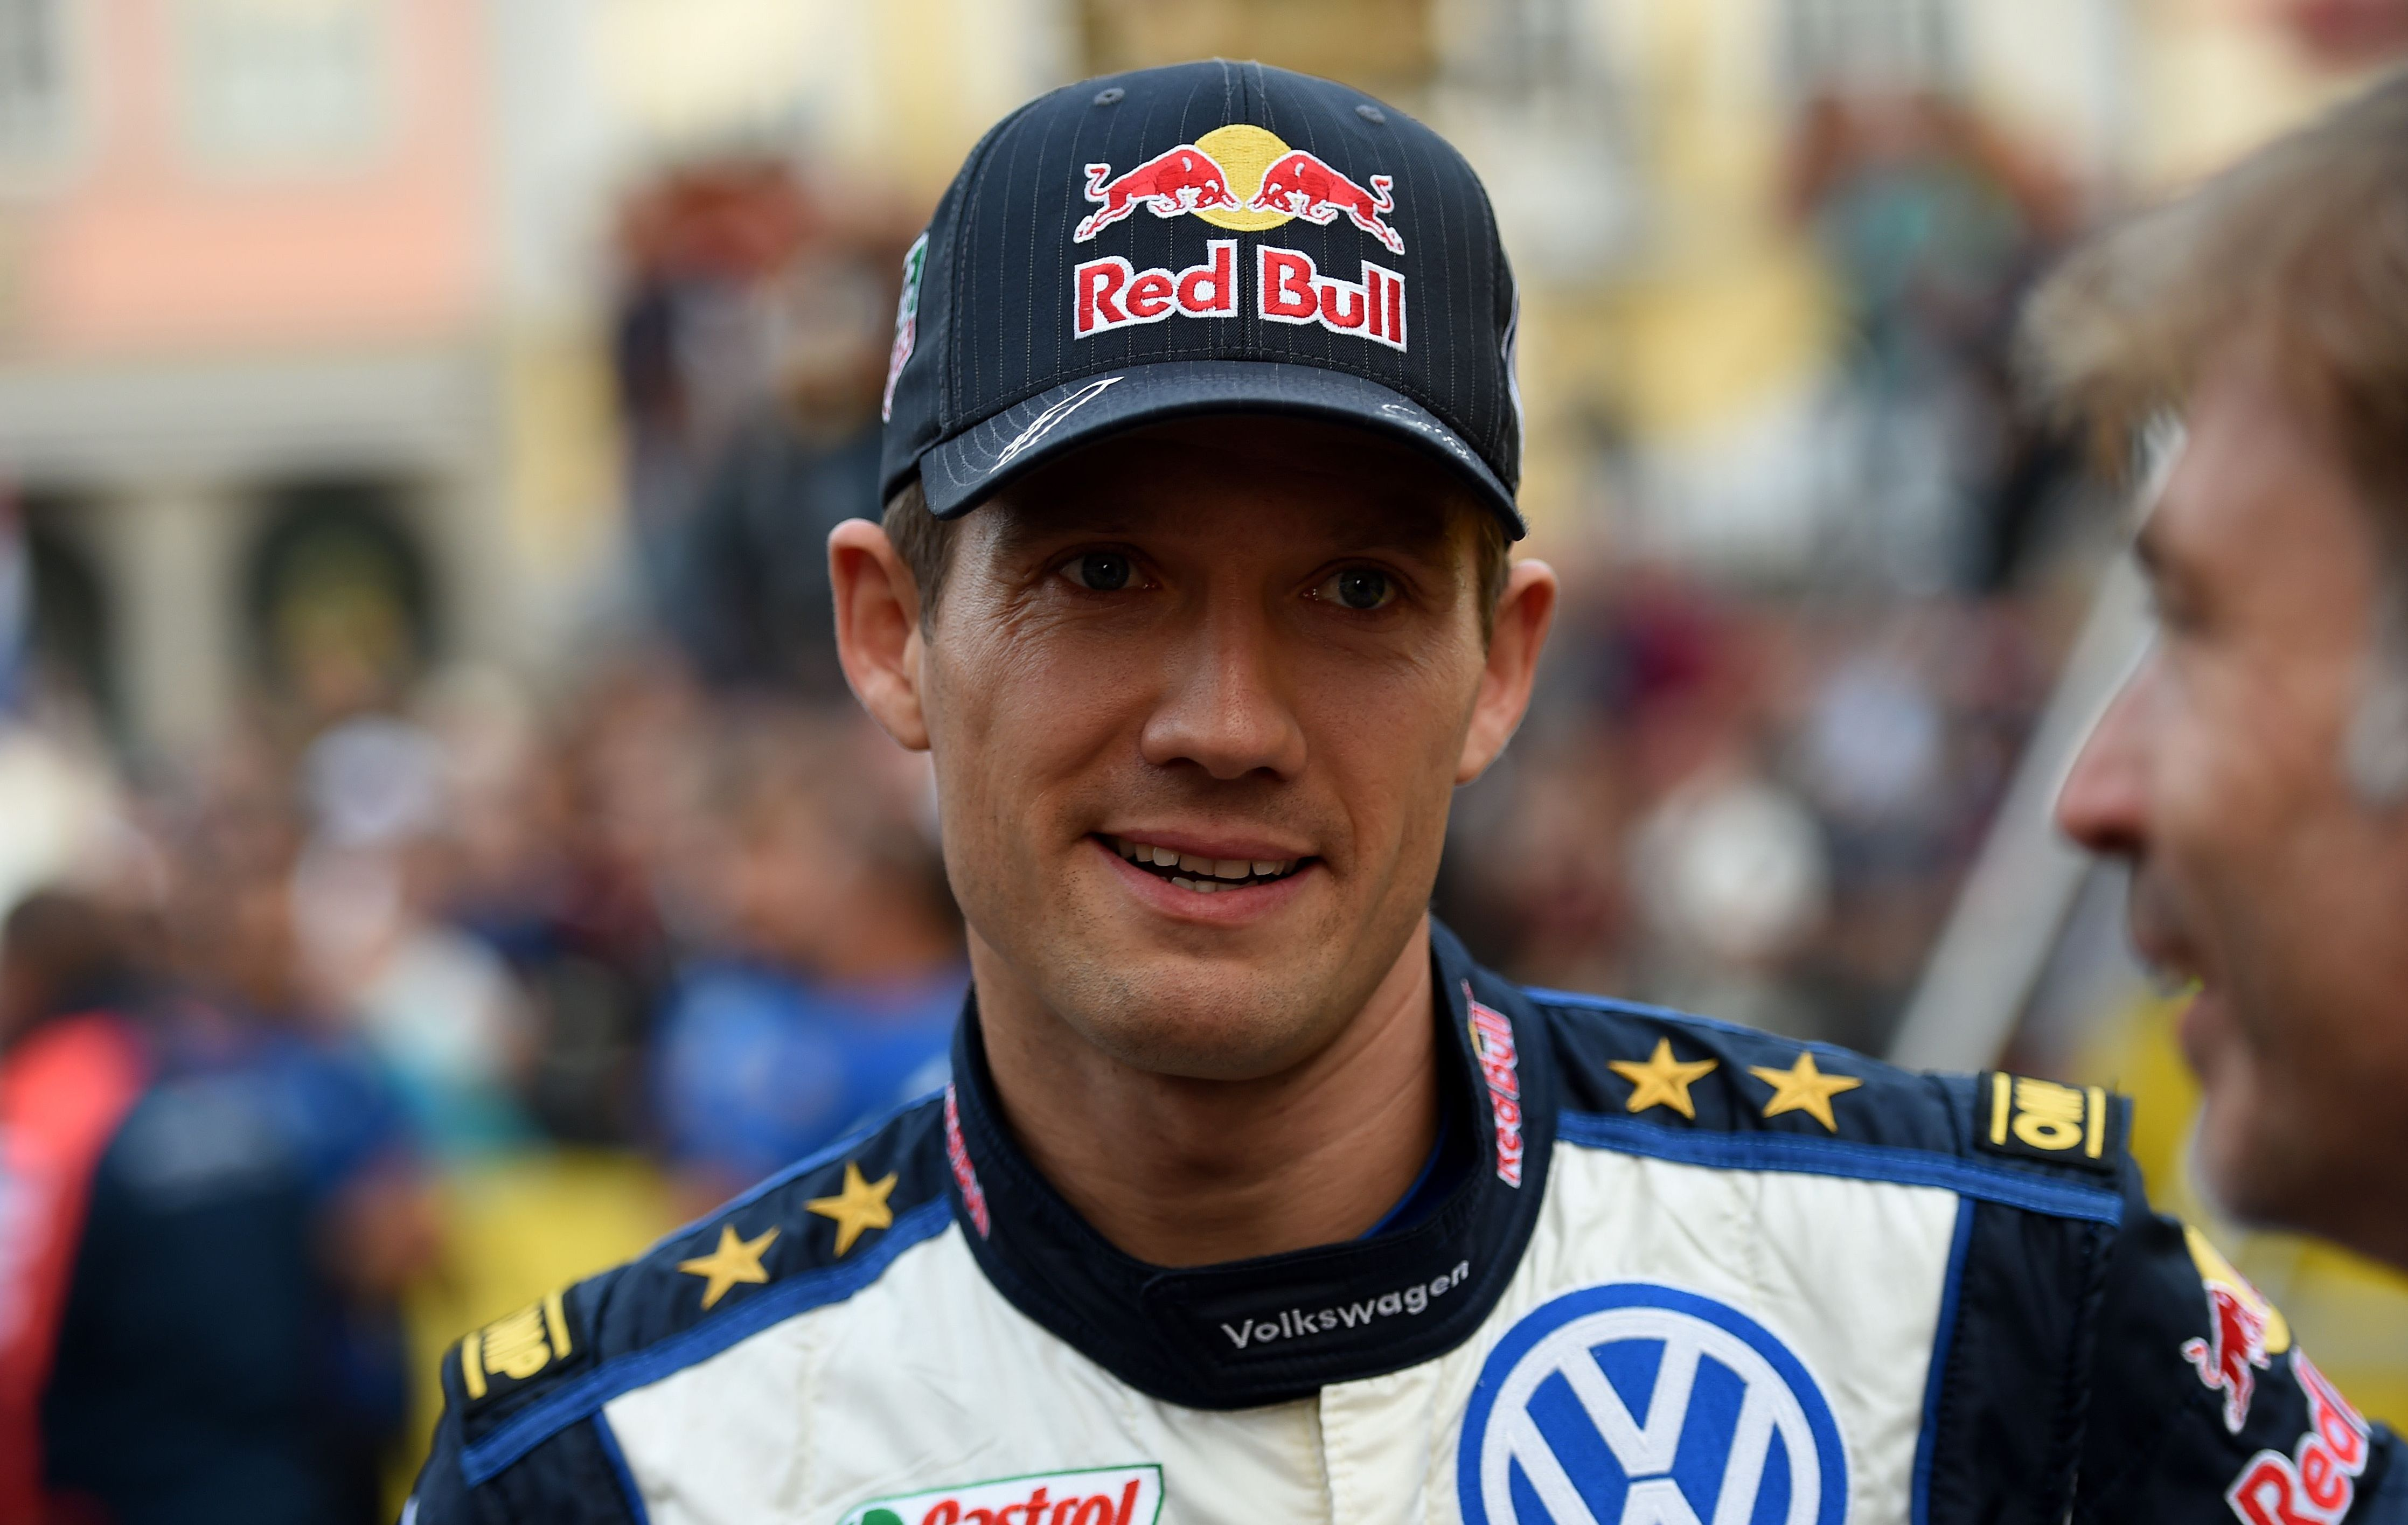 Rallye - Ogier brille de nouveau en Allemagne